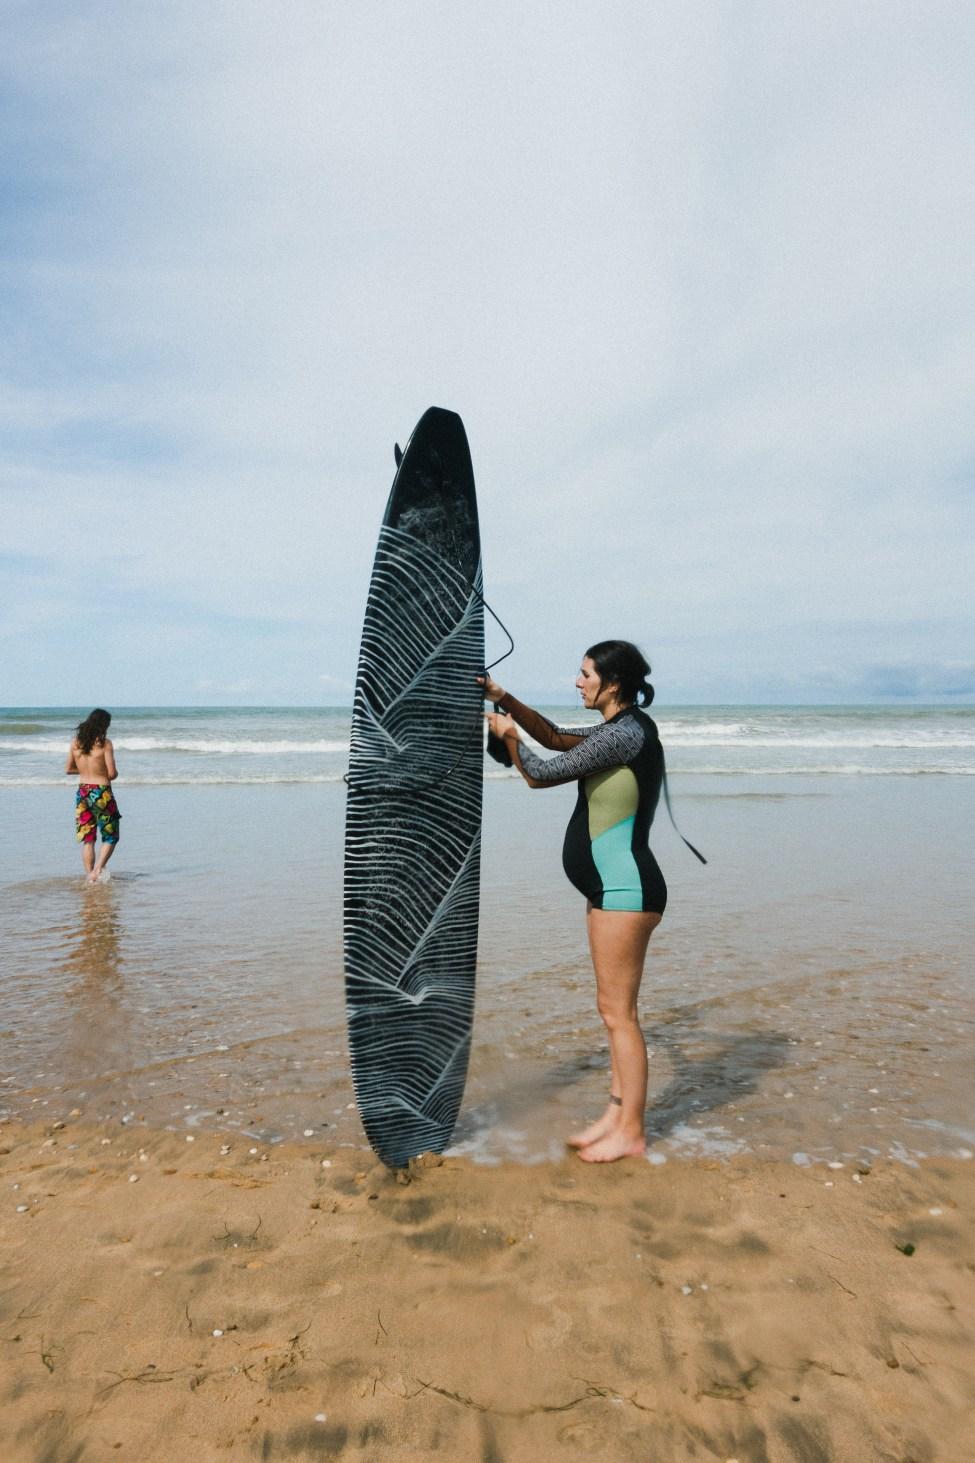 Surf The Minimalist Wave